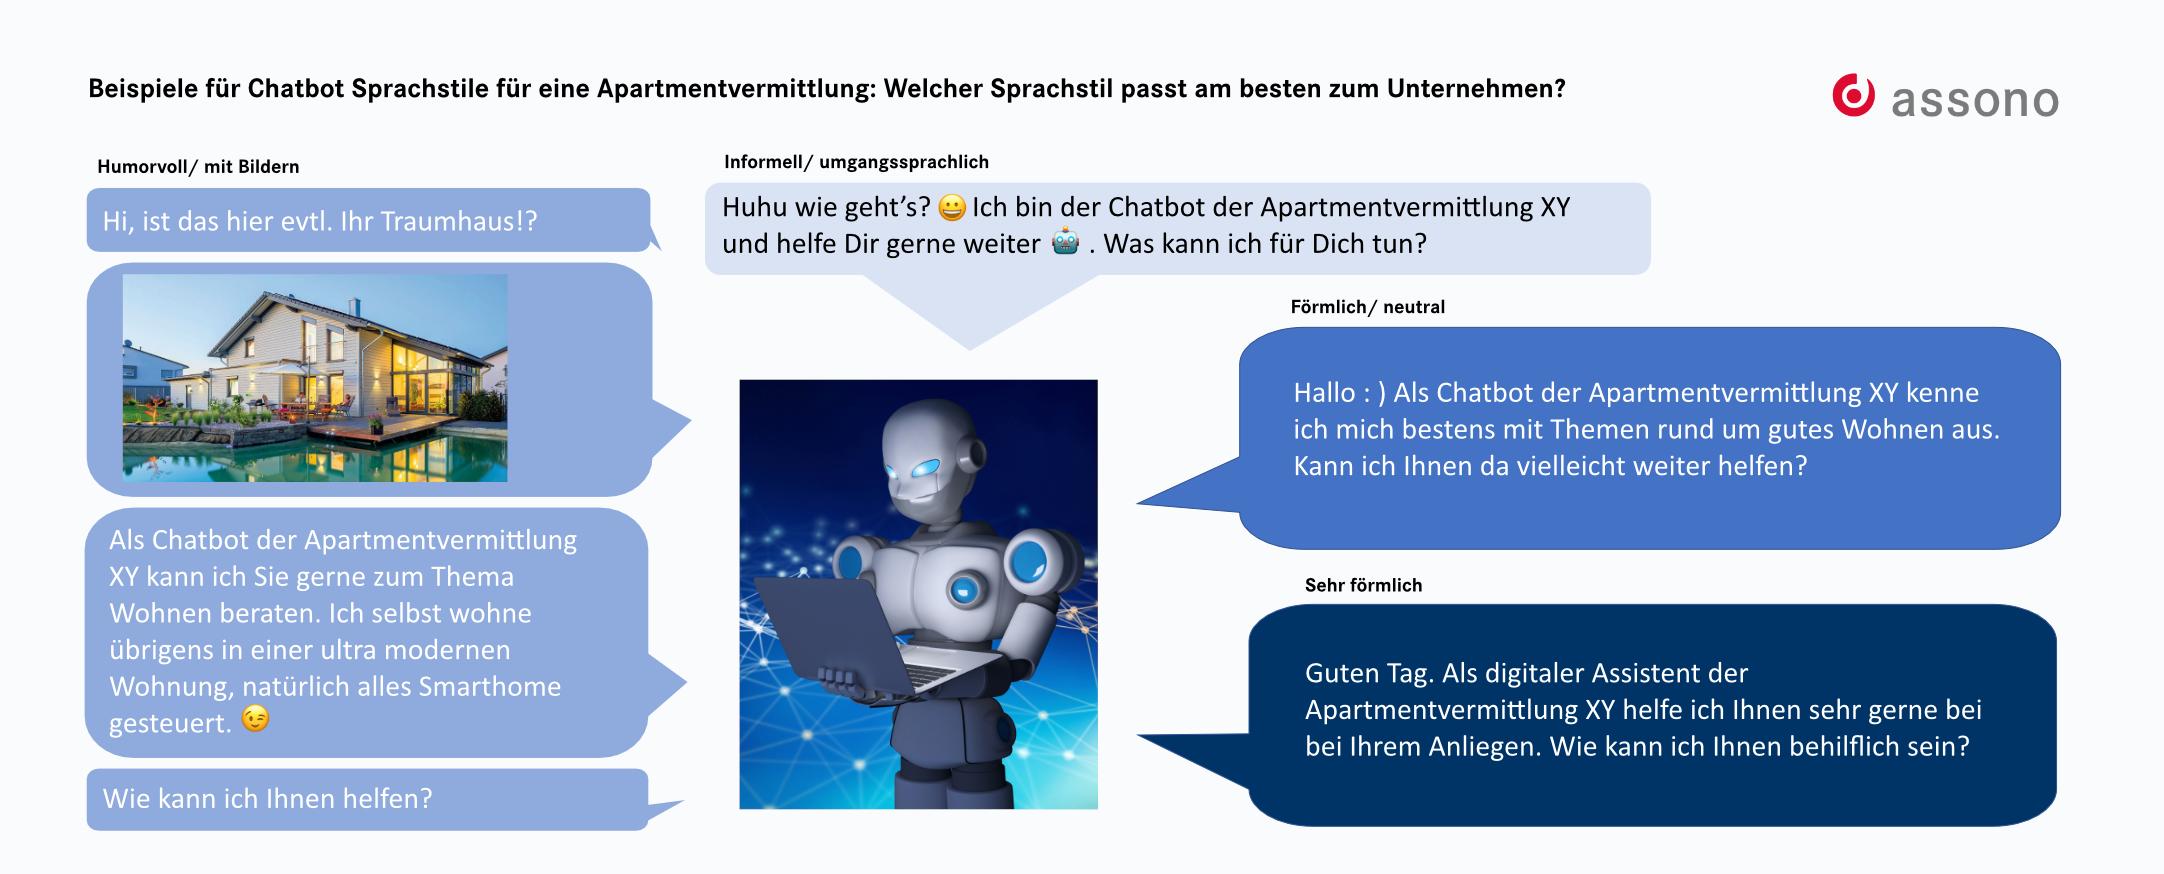 Beispiel für Chatbot Sprachstil für eine Appartementvermietung: Welcher Sprachstil passt zu Ihrem Unternehmen?